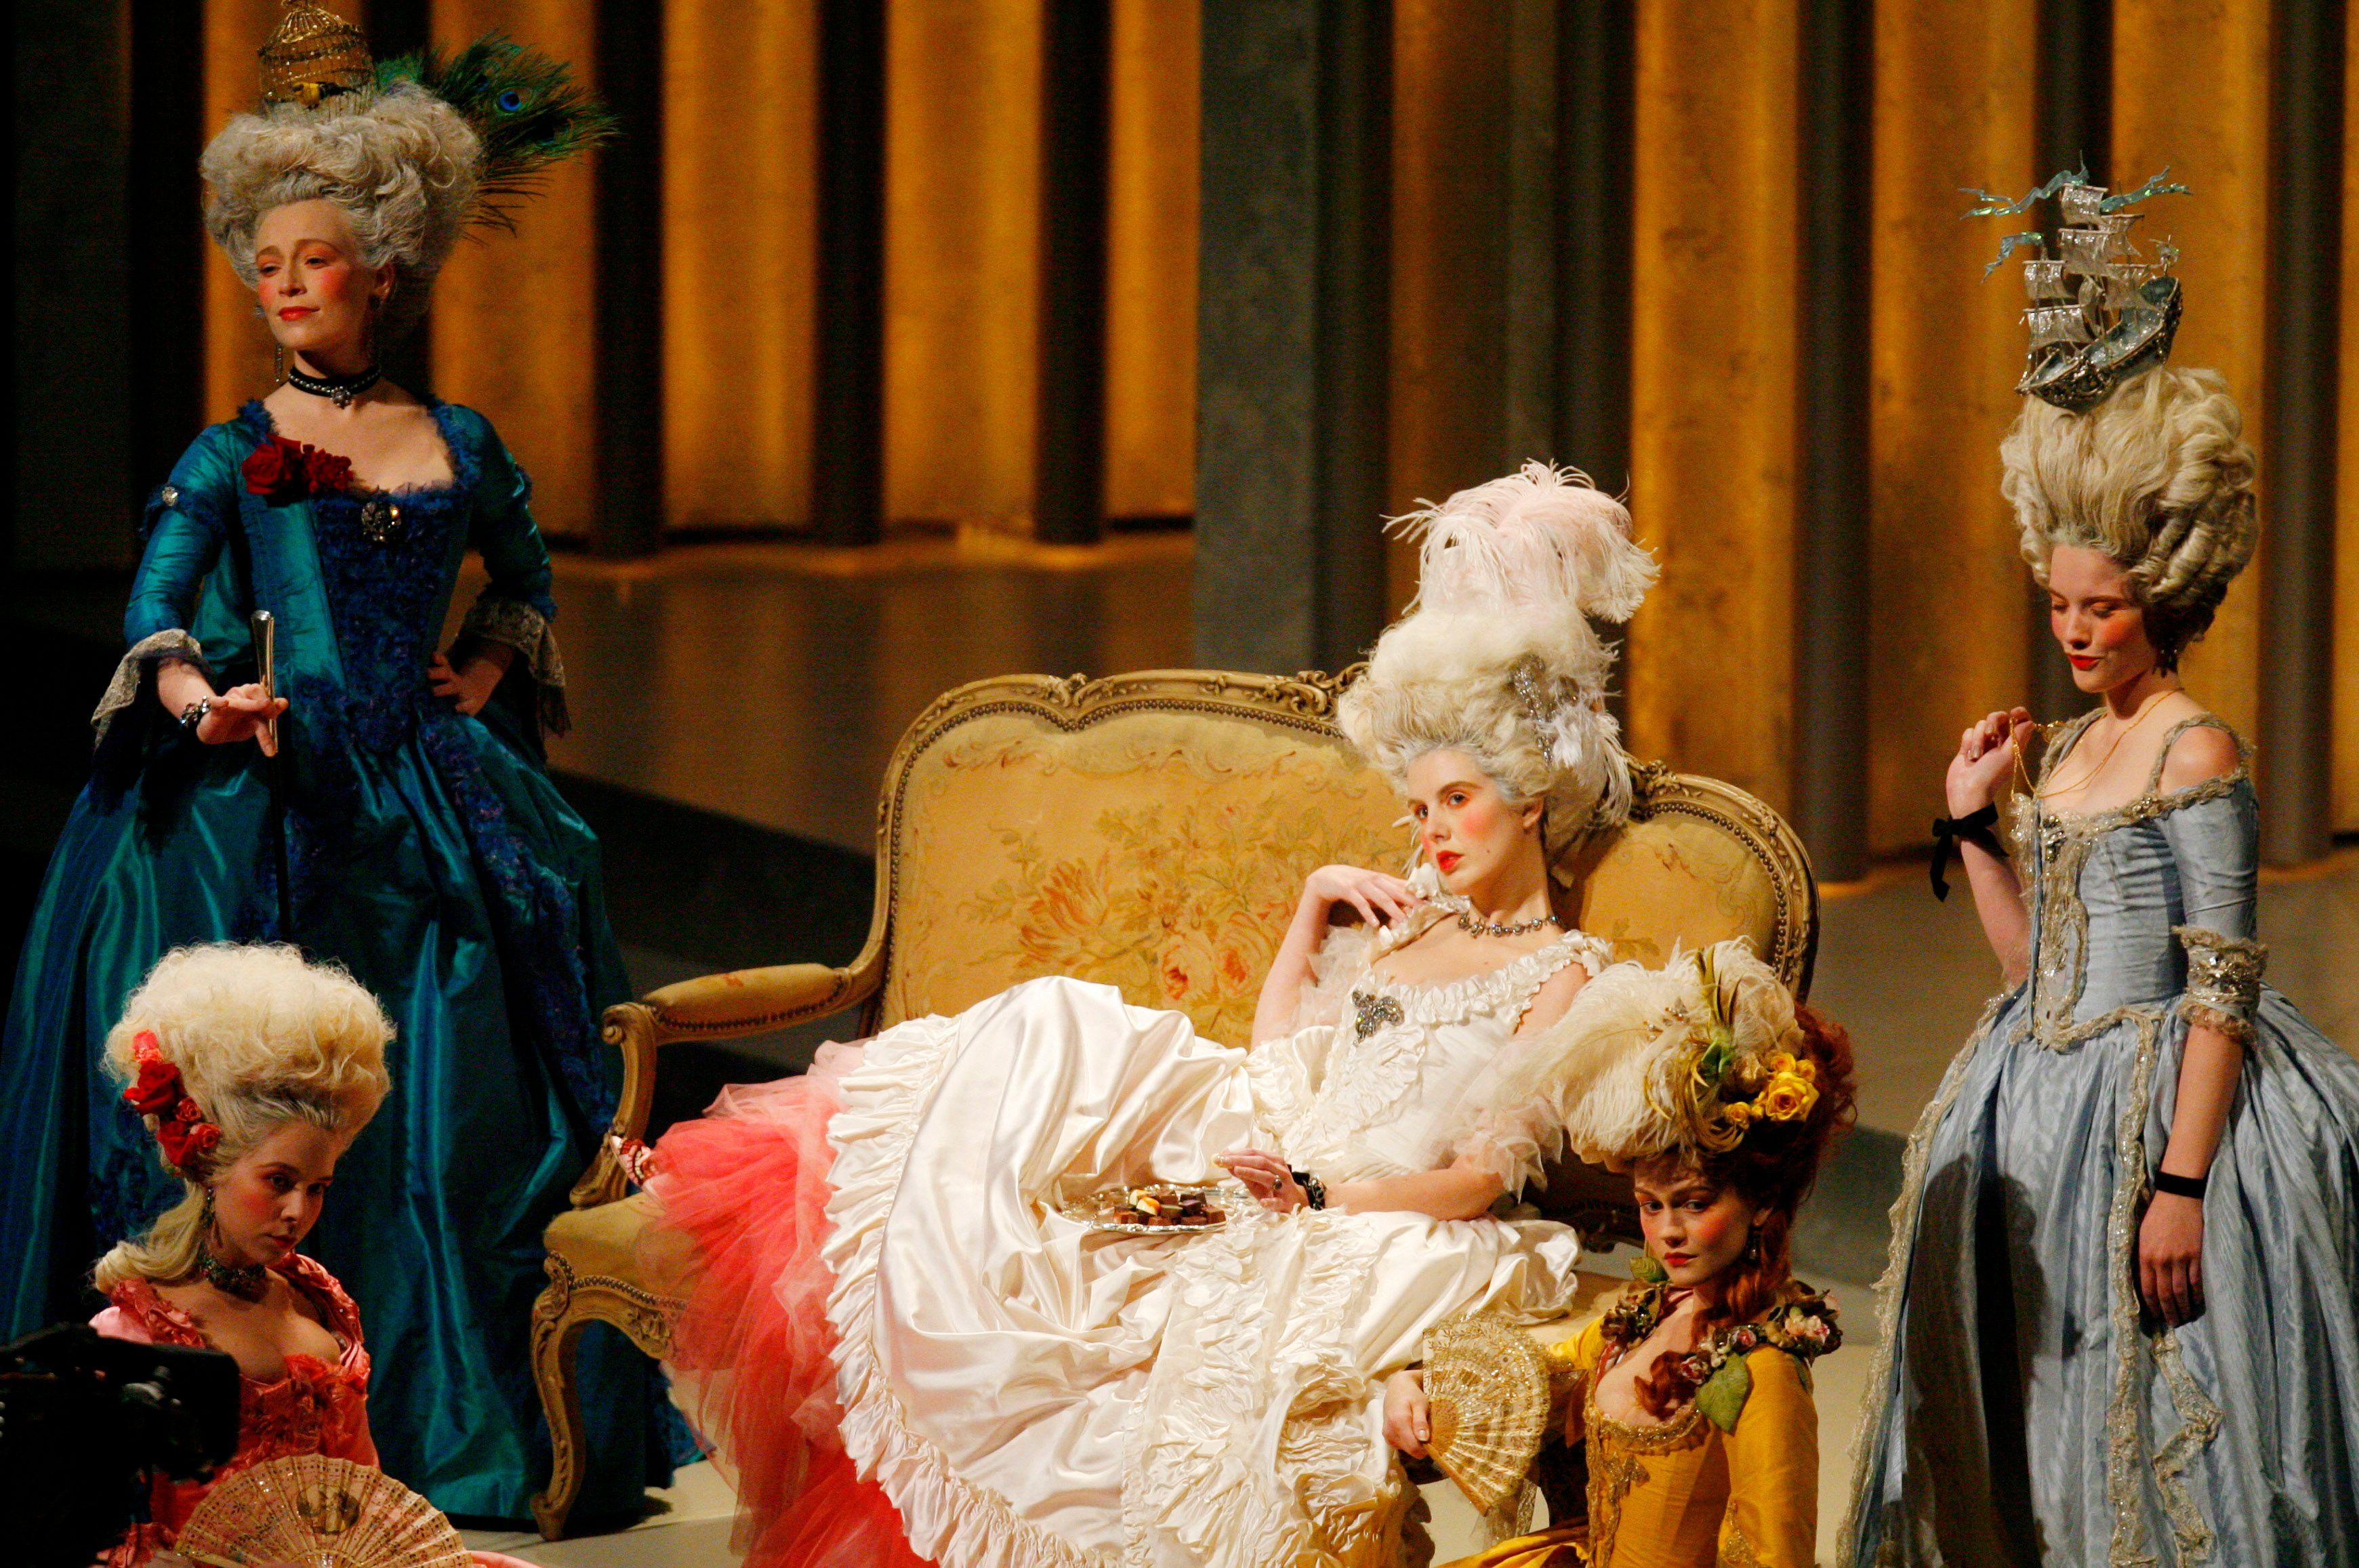 Reine scélérate: la mauvaise réputation de Marie-Antoinette était-elle justifiée?